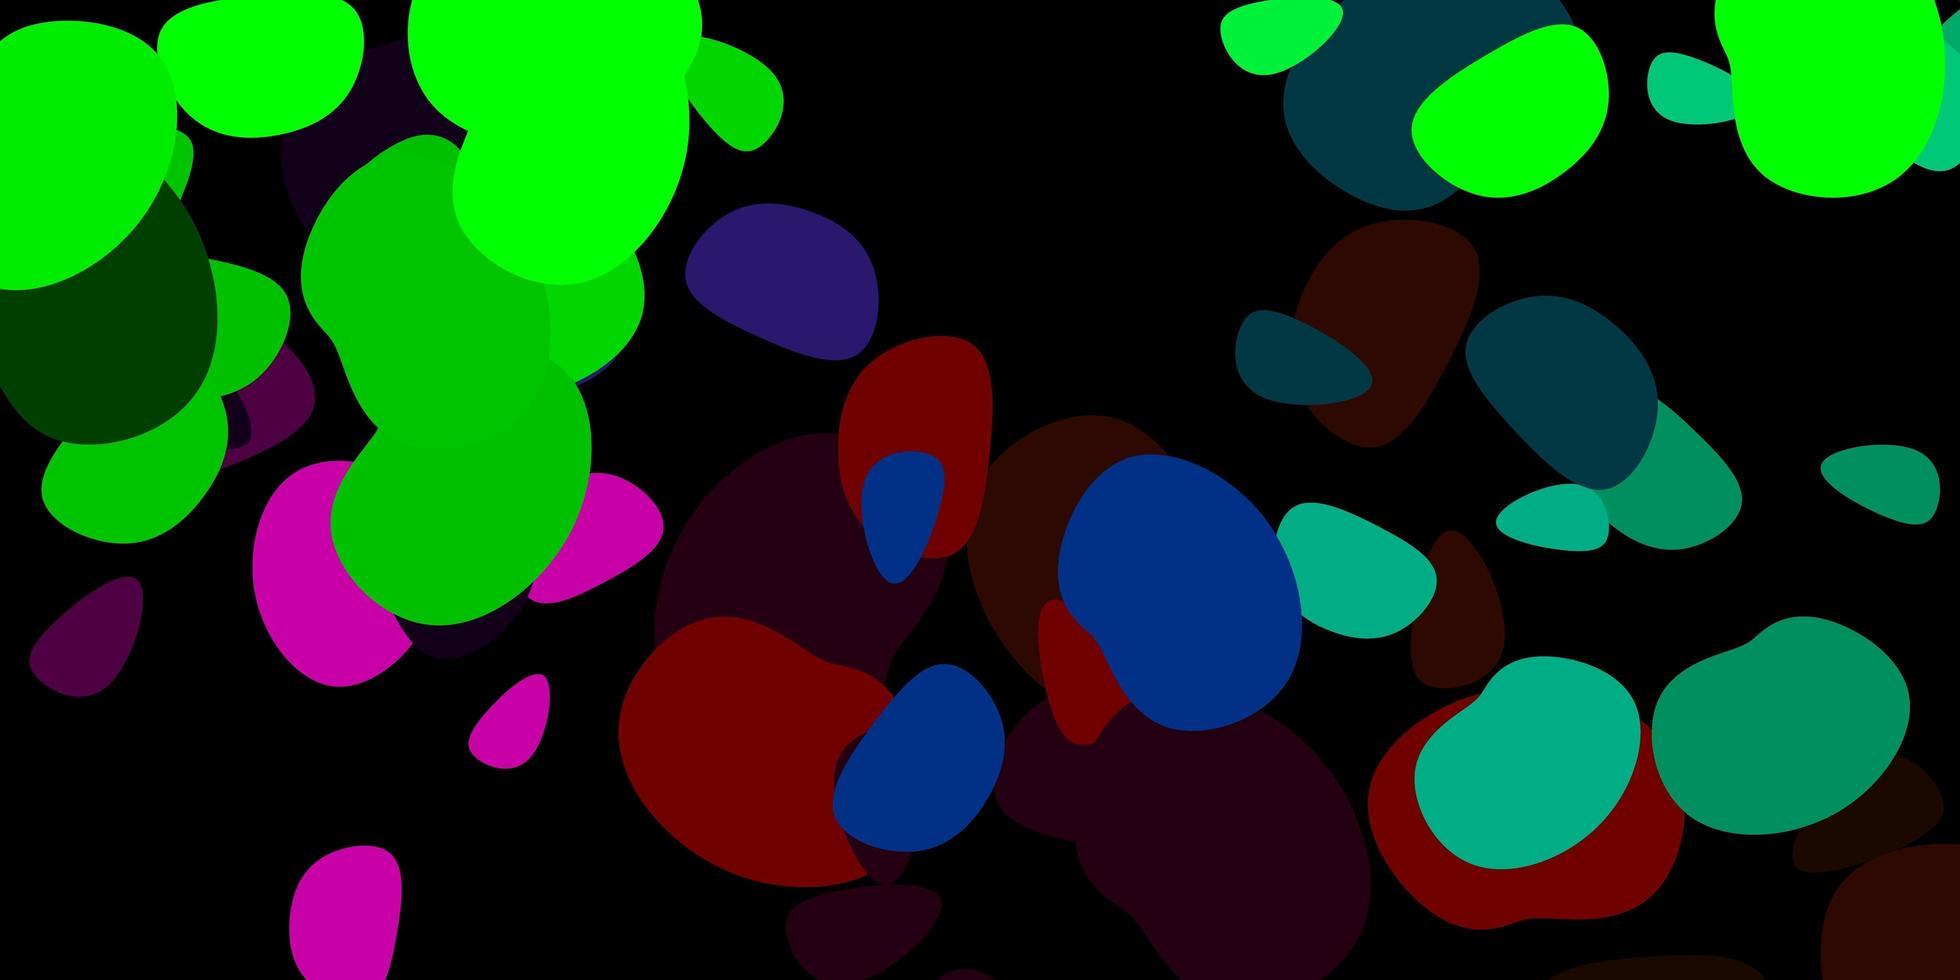 dunkelrosa, grüner Vektorhintergrund mit zufälligen Formen. vektor